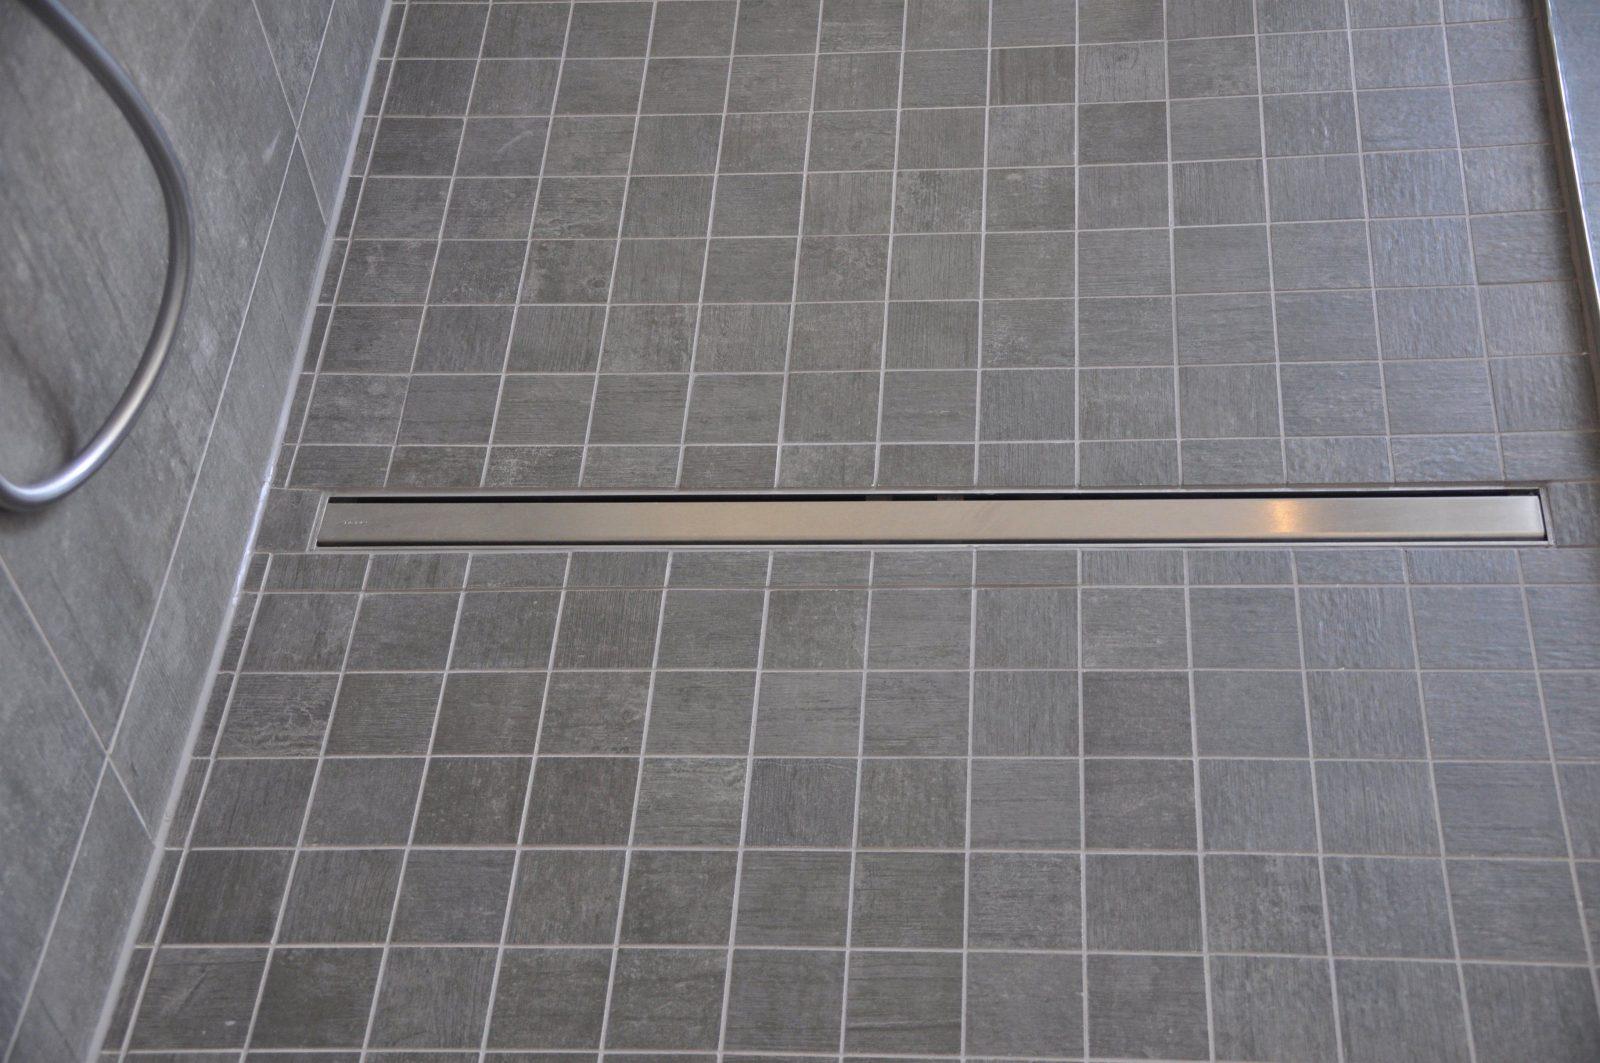 Köstlich Mosaik Fliesen Dusche Badezimmer Glas Stuecken Scherben von Mosaik Fliesen Dusche Boden Photo